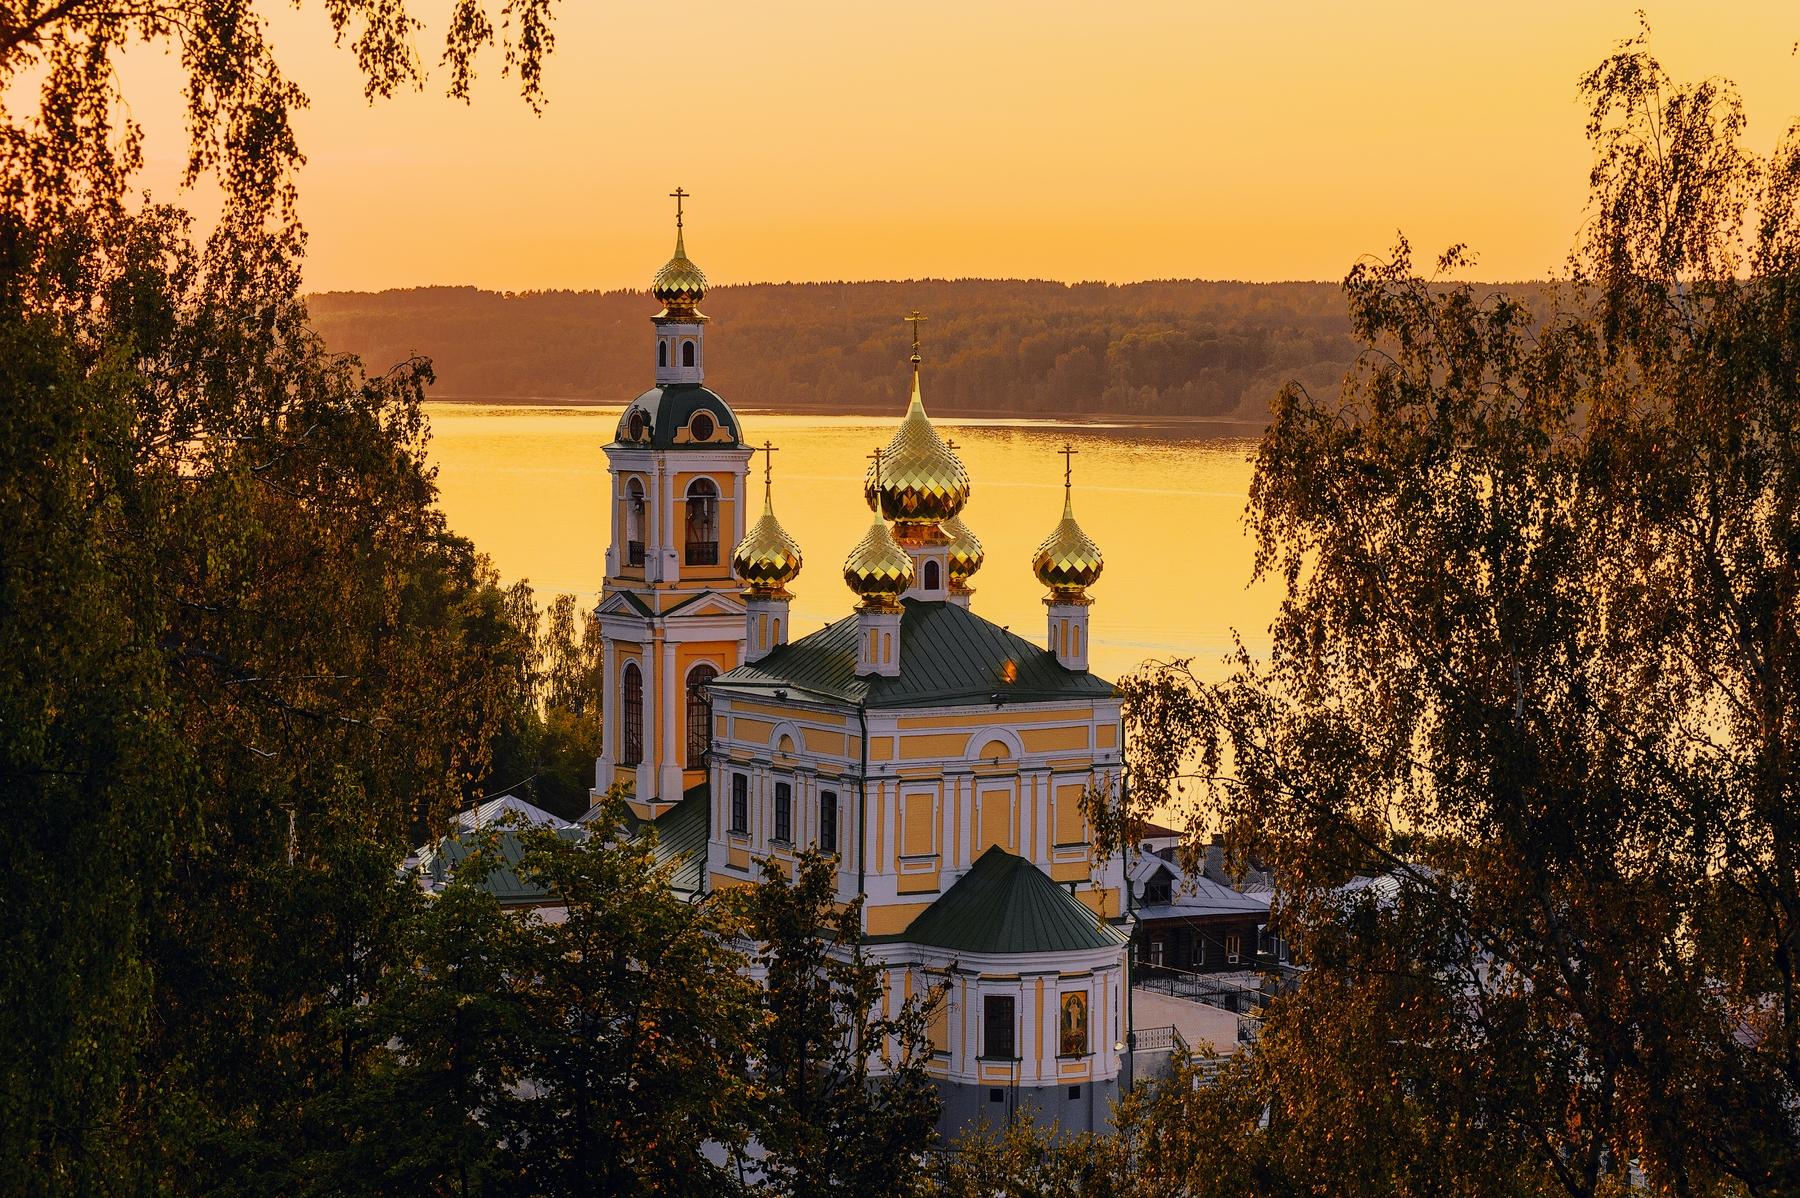 Лучшие места России для путешествия: золотой Плес